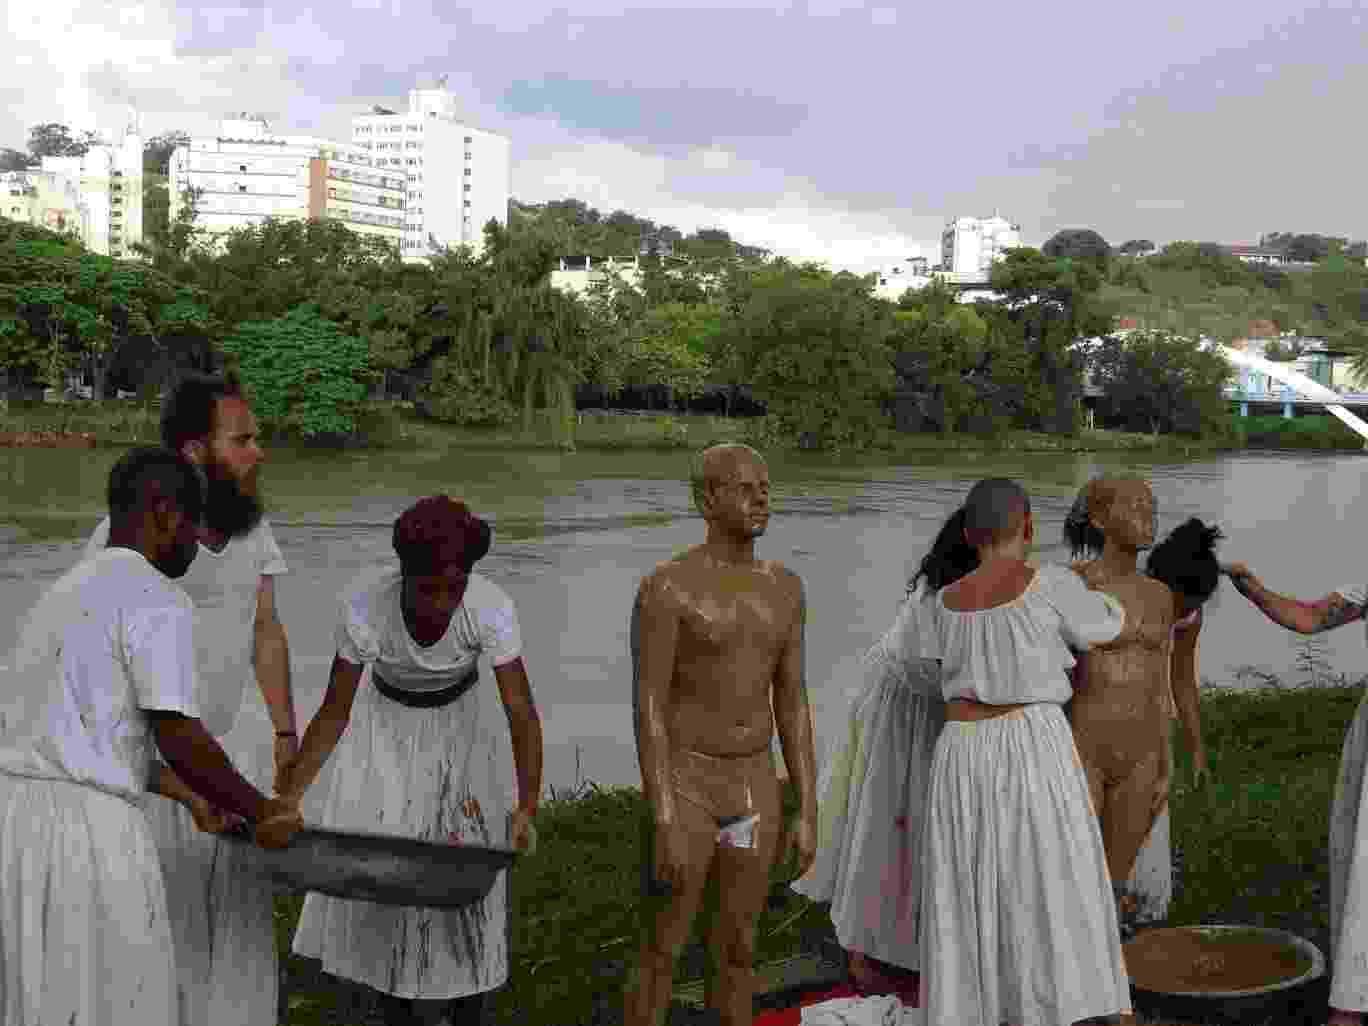 28.dez.2015 - Um grupo de atores de Barra Mansa (RJ) homenageou no rio Paraíba do Sul, às vítimas da lama que vazou de uma barragem em Mariana (MG) - Cleston Teixeira/Divulgação